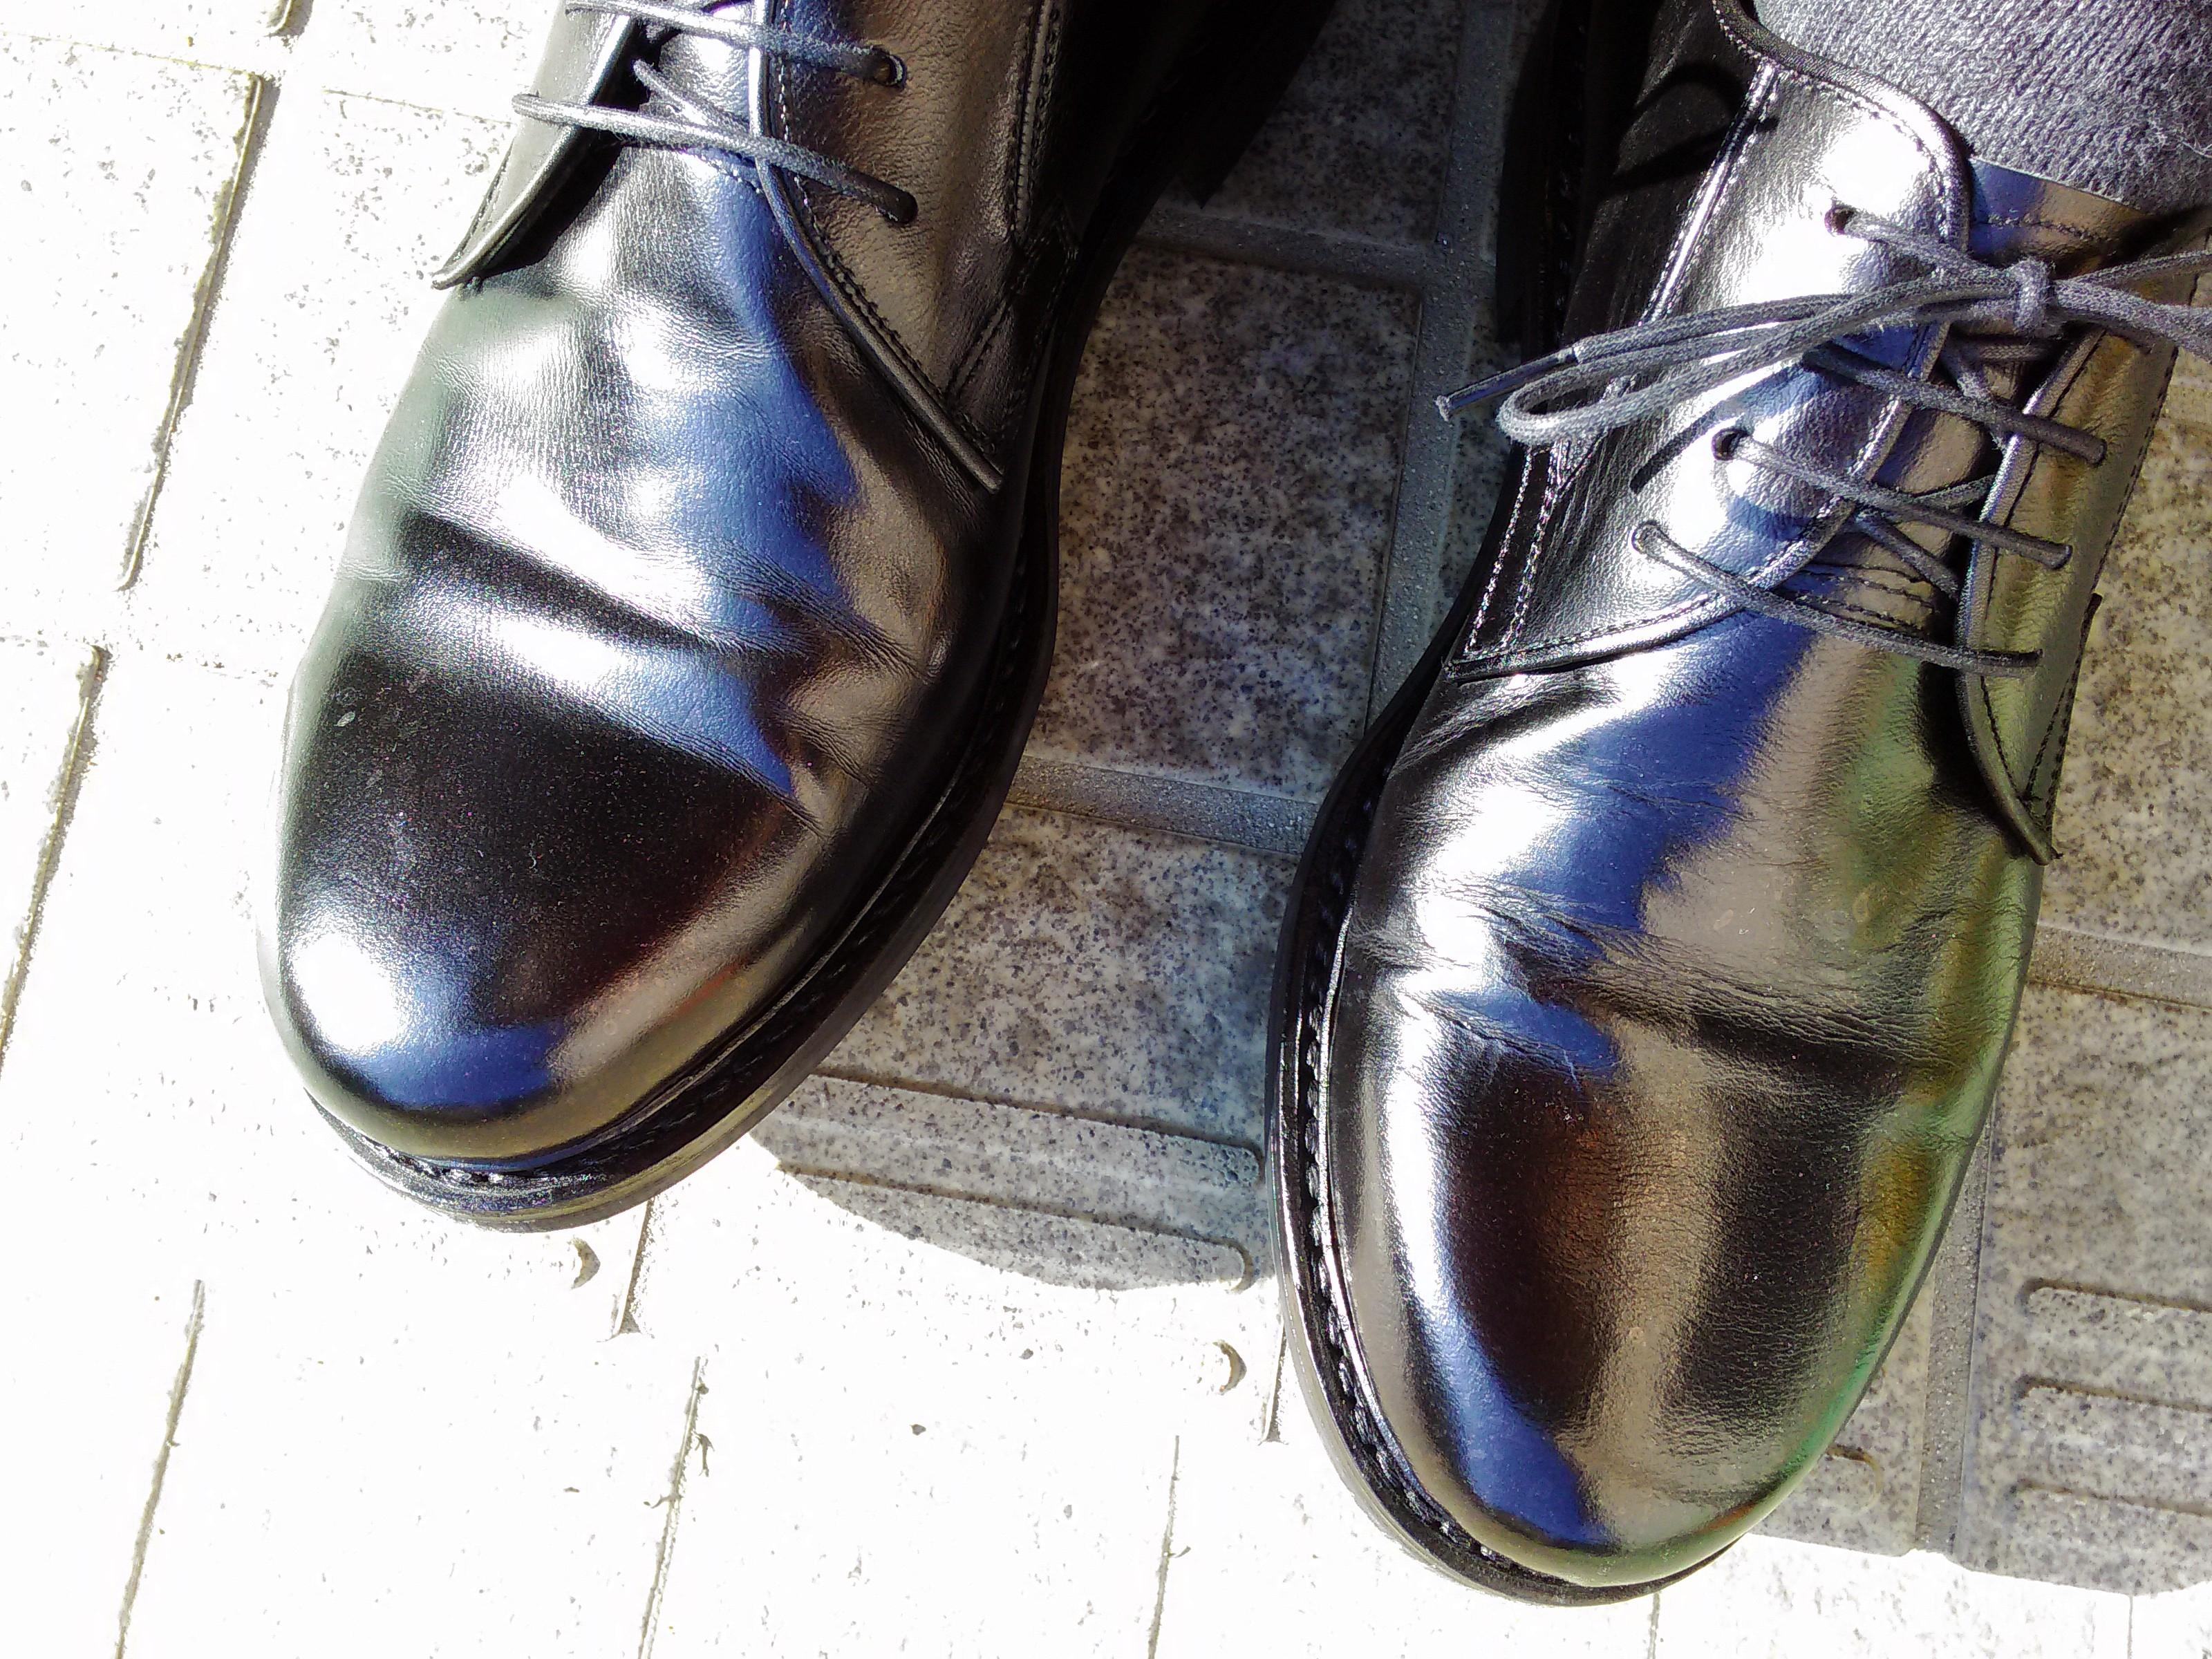 [革靴] 「ガラス仕上げの革靴にクリームは必要か。意味があるのか。」そんな素朴だけれど答のない問いに答えてみます。